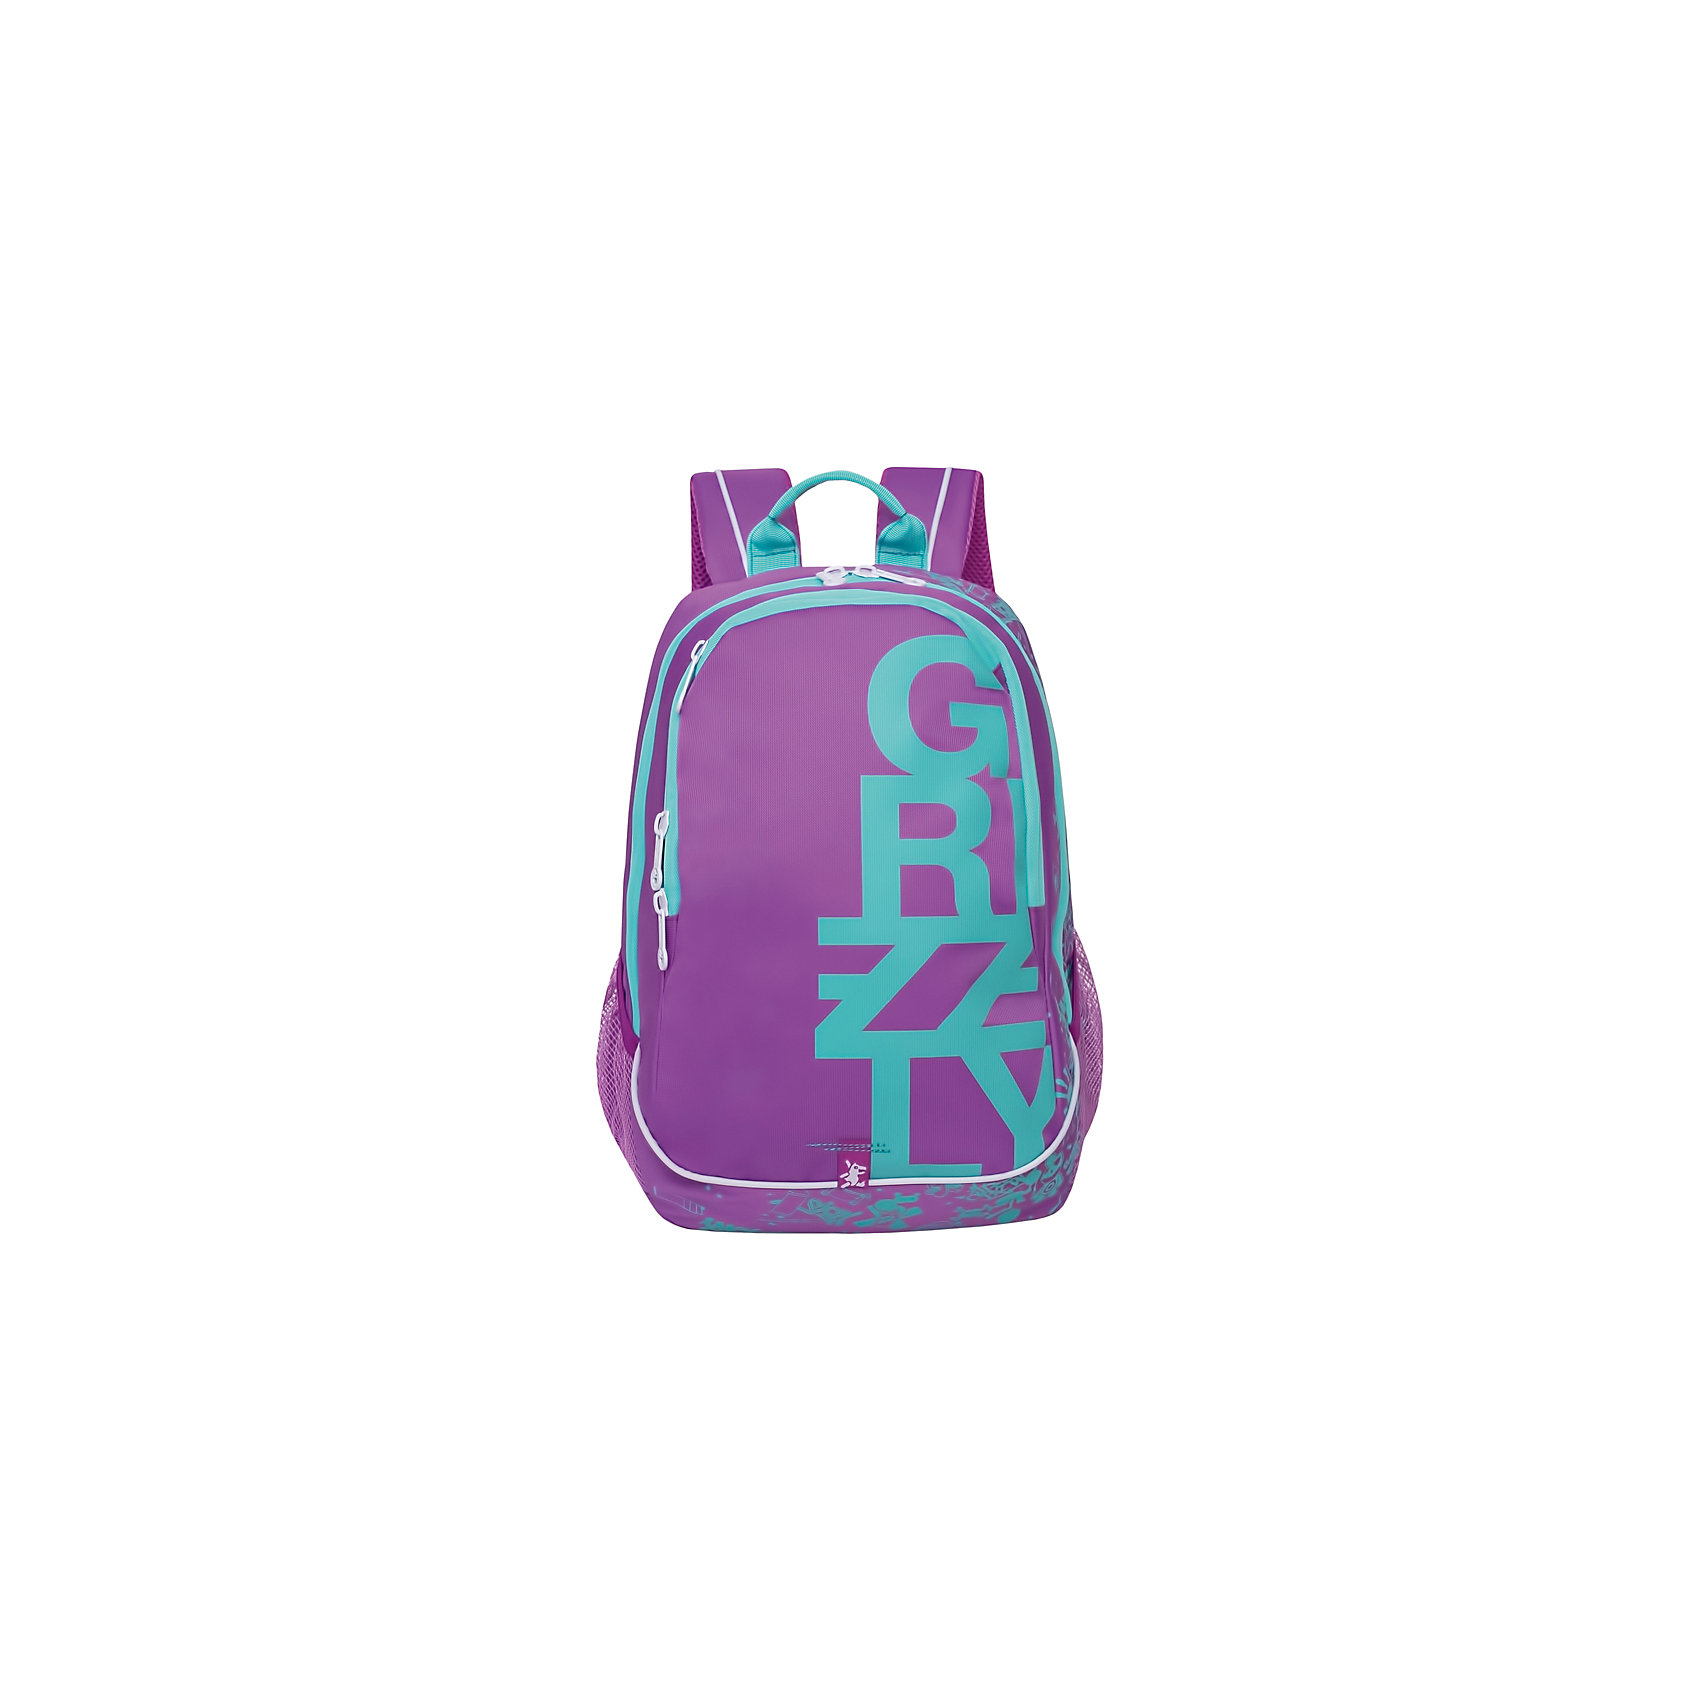 Grizzly рюкзак  2 отделенияРюкзаки<br>Рюкзак молодежный, два отделения, карман на молнии на передней стенке, объемный карман на молнии на передней стенке, боковые карманы с клапанами на липучках, внутренний карман-пенал для карандашей, жесткая анатомическая спинка, карман быстрого доступа в передней части рюкзака, мягкая укрепленная ручка, укрепленные лямки.<br>Вес, г: 985<br>Размер, см: 29х40х20<br>Состав: Полиэстр<br>Наличие светоотражающих элементов:  нет<br>Материал: Полиэстр<br>Спина:  полужесткая<br>Наличие дополнительных карманов внутри:  да<br>Дно выбрать:  Мягкое<br>Количество отделений внутри:  2<br>Боковые карманы: да<br>Замок:  Молния<br><br>Ширина мм: 290<br>Глубина мм: 200<br>Высота мм: 400<br>Вес г: 810<br>Возраст от месяцев: 120<br>Возраст до месяцев: 192<br>Пол: Мужской<br>Возраст: Детский<br>SKU: 6727507